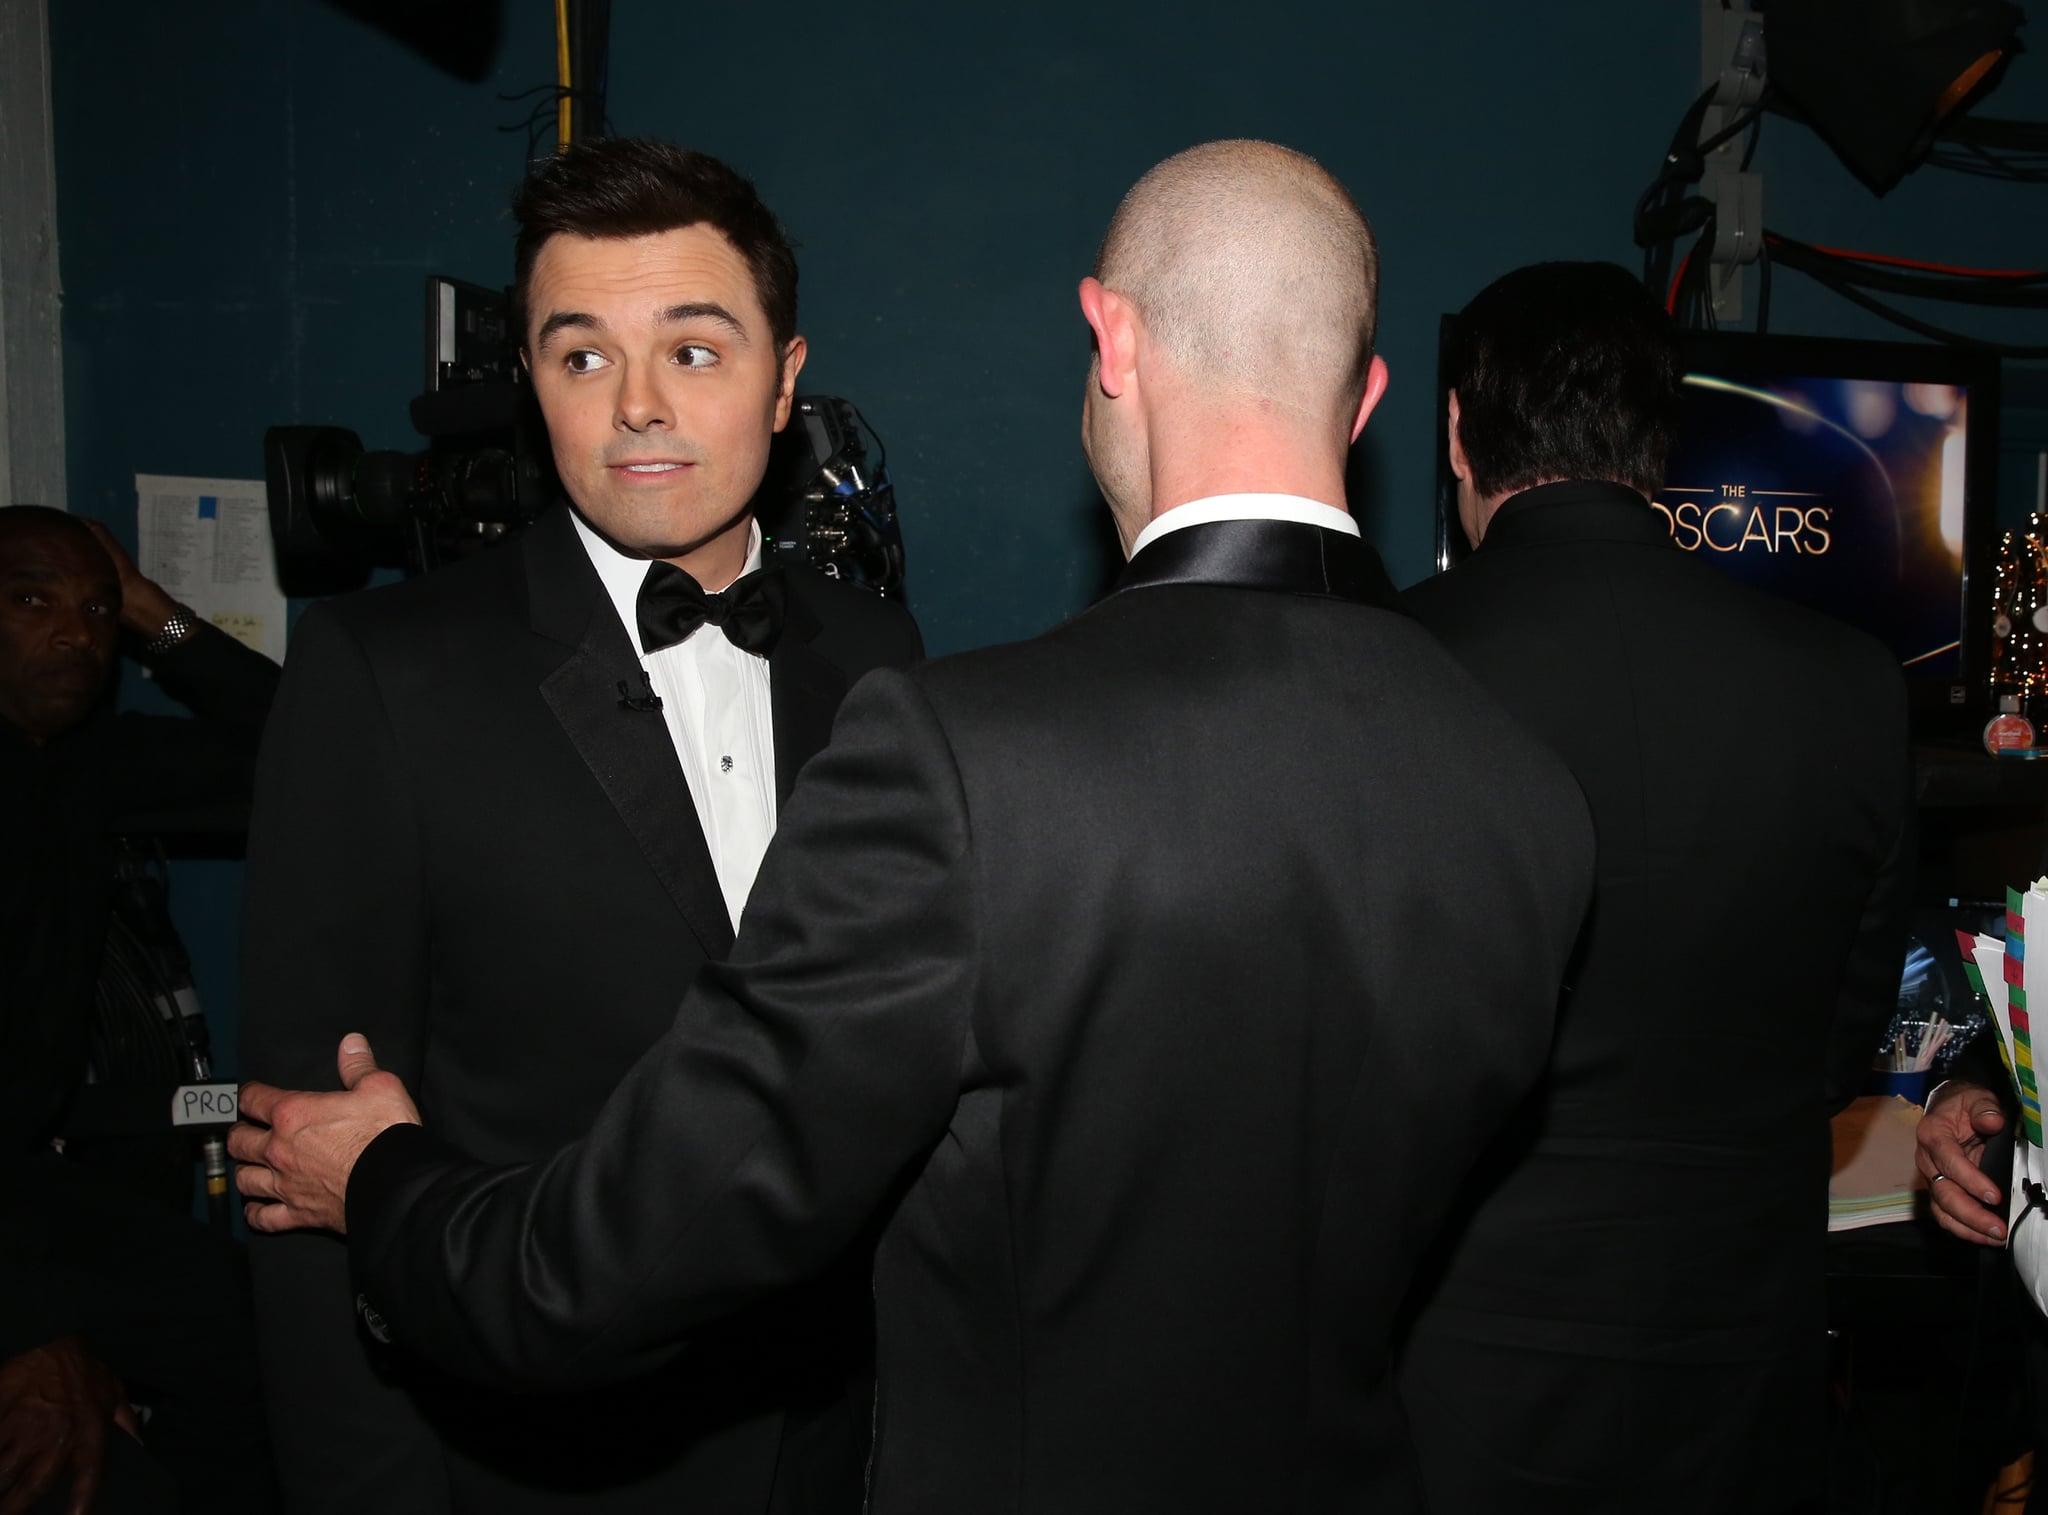 Seth MacFarlane backstage at the 2013 Oscars.